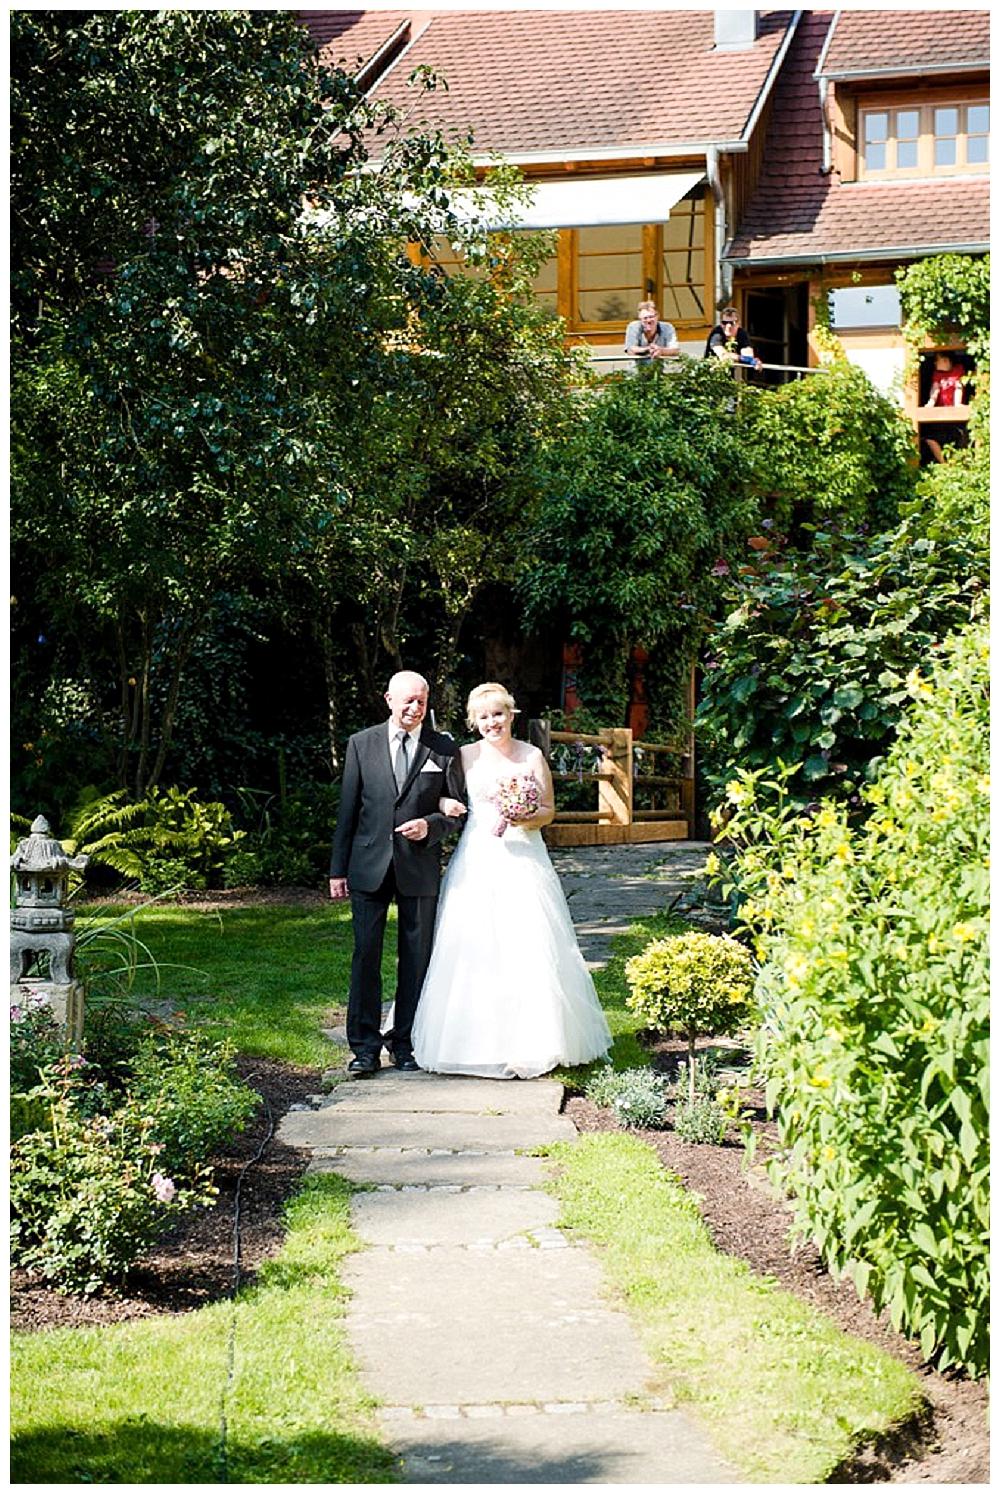 rebeccaconte-649_echte Hochzeit_Vintage_Sommer_rosa_Mühle_Tübingen